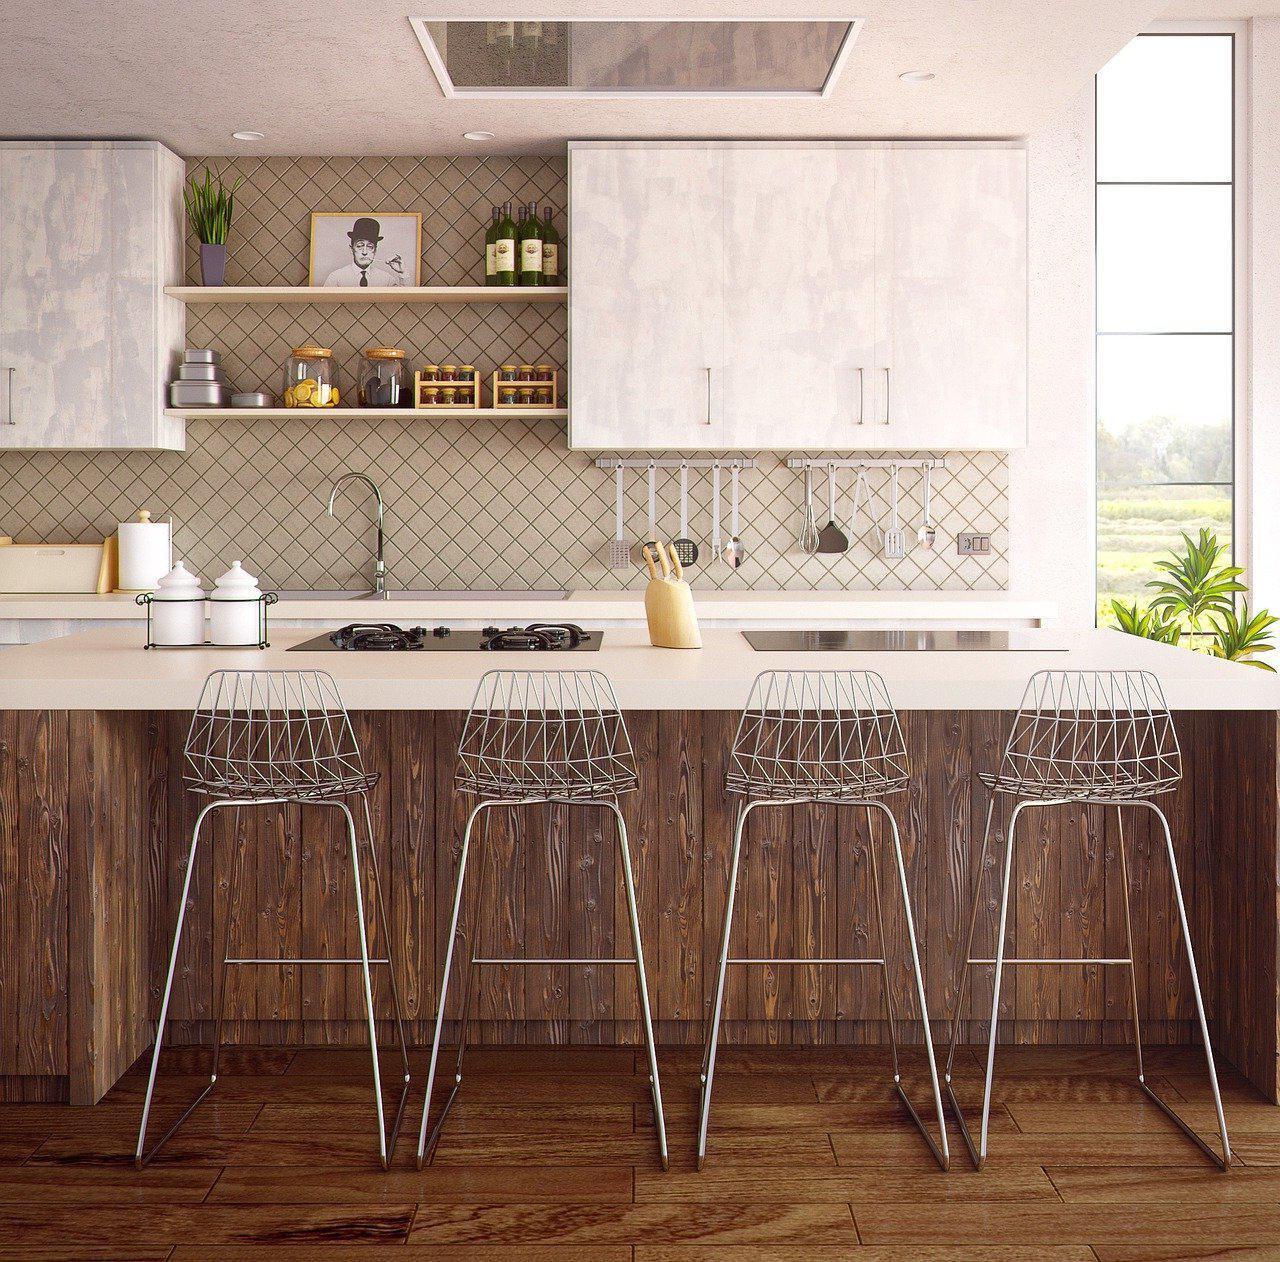 Rénovation de cuisine à Monistrol-sur-Loire 43120 : Les tarifs